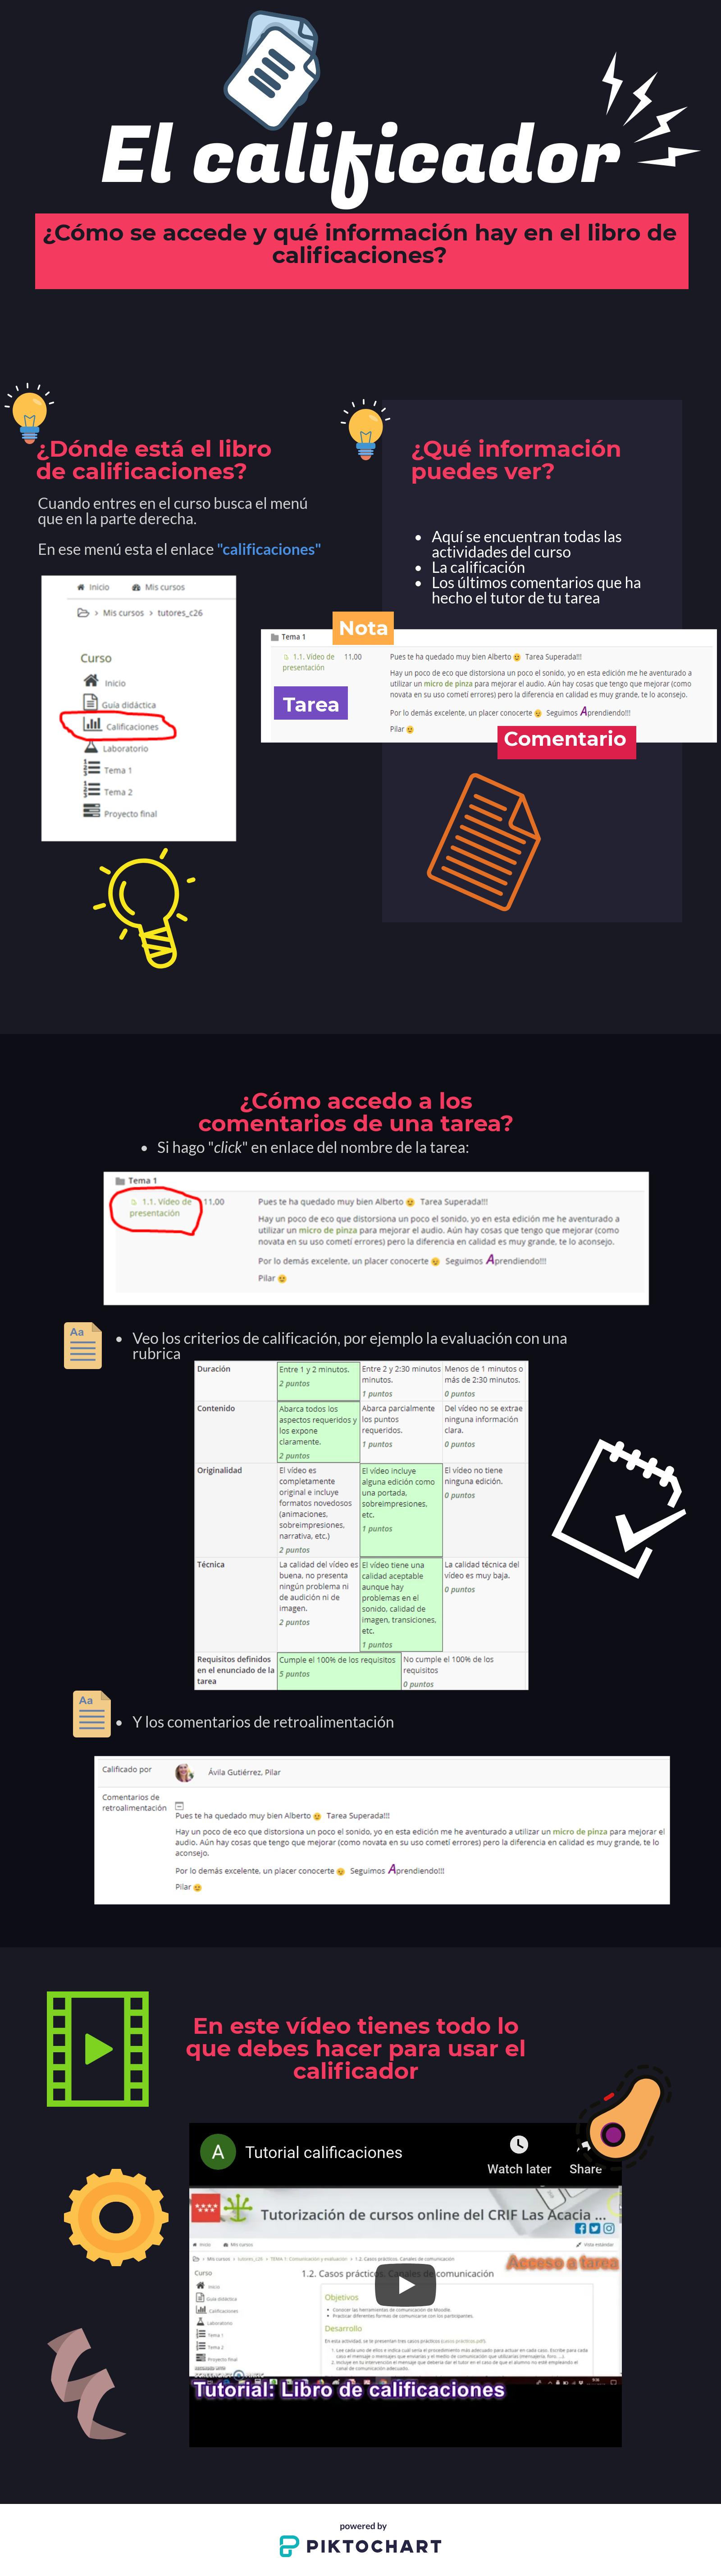 Infografía Calificaciones